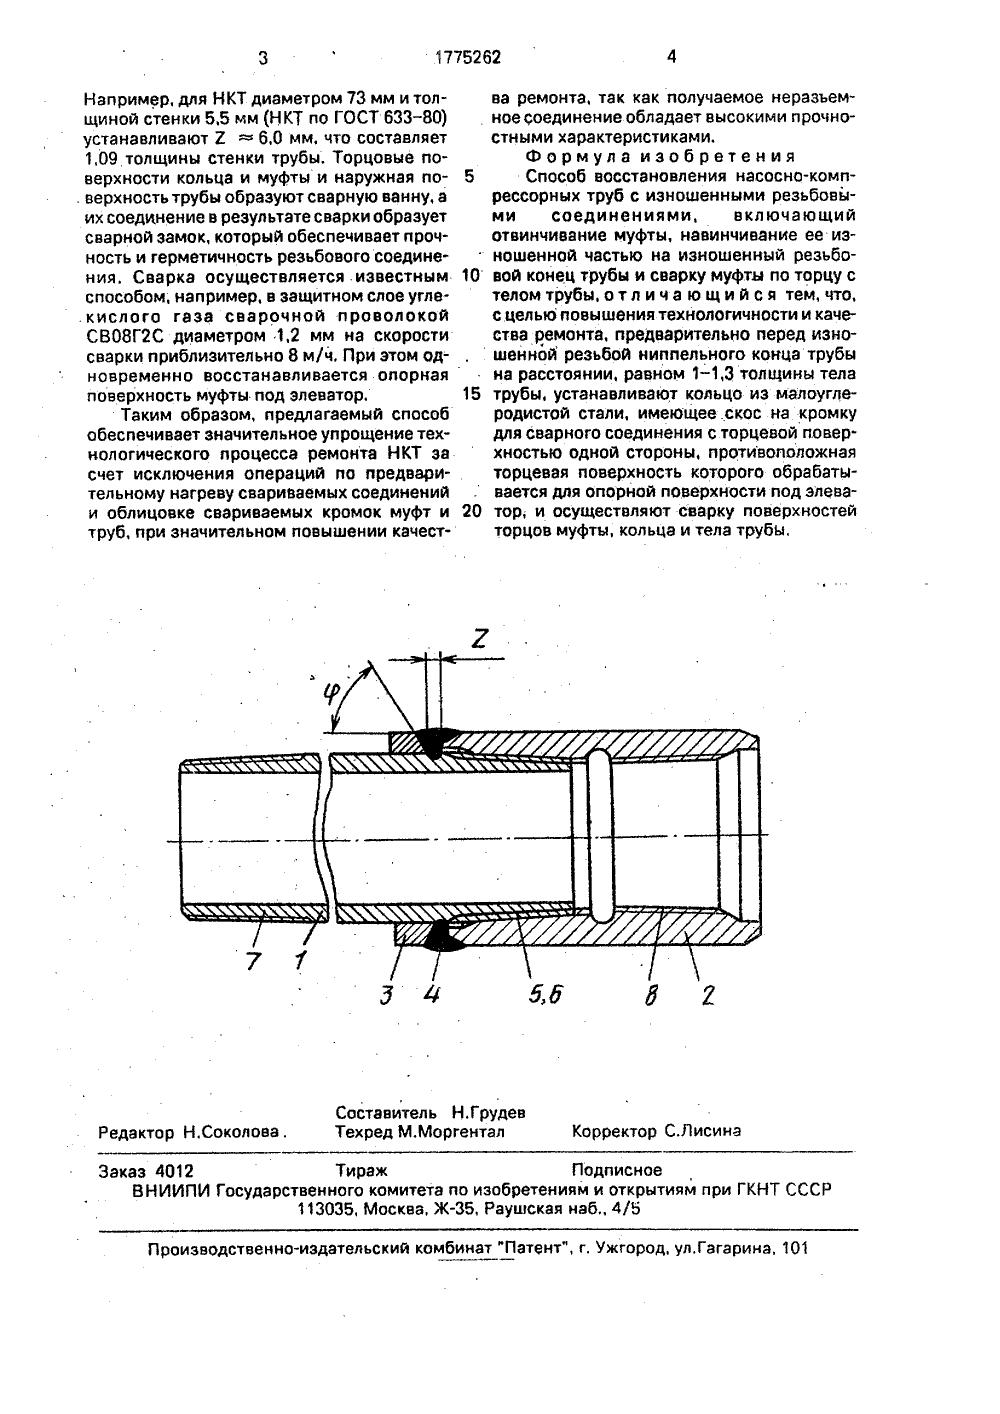 назначение нкт и их диаметры механизм